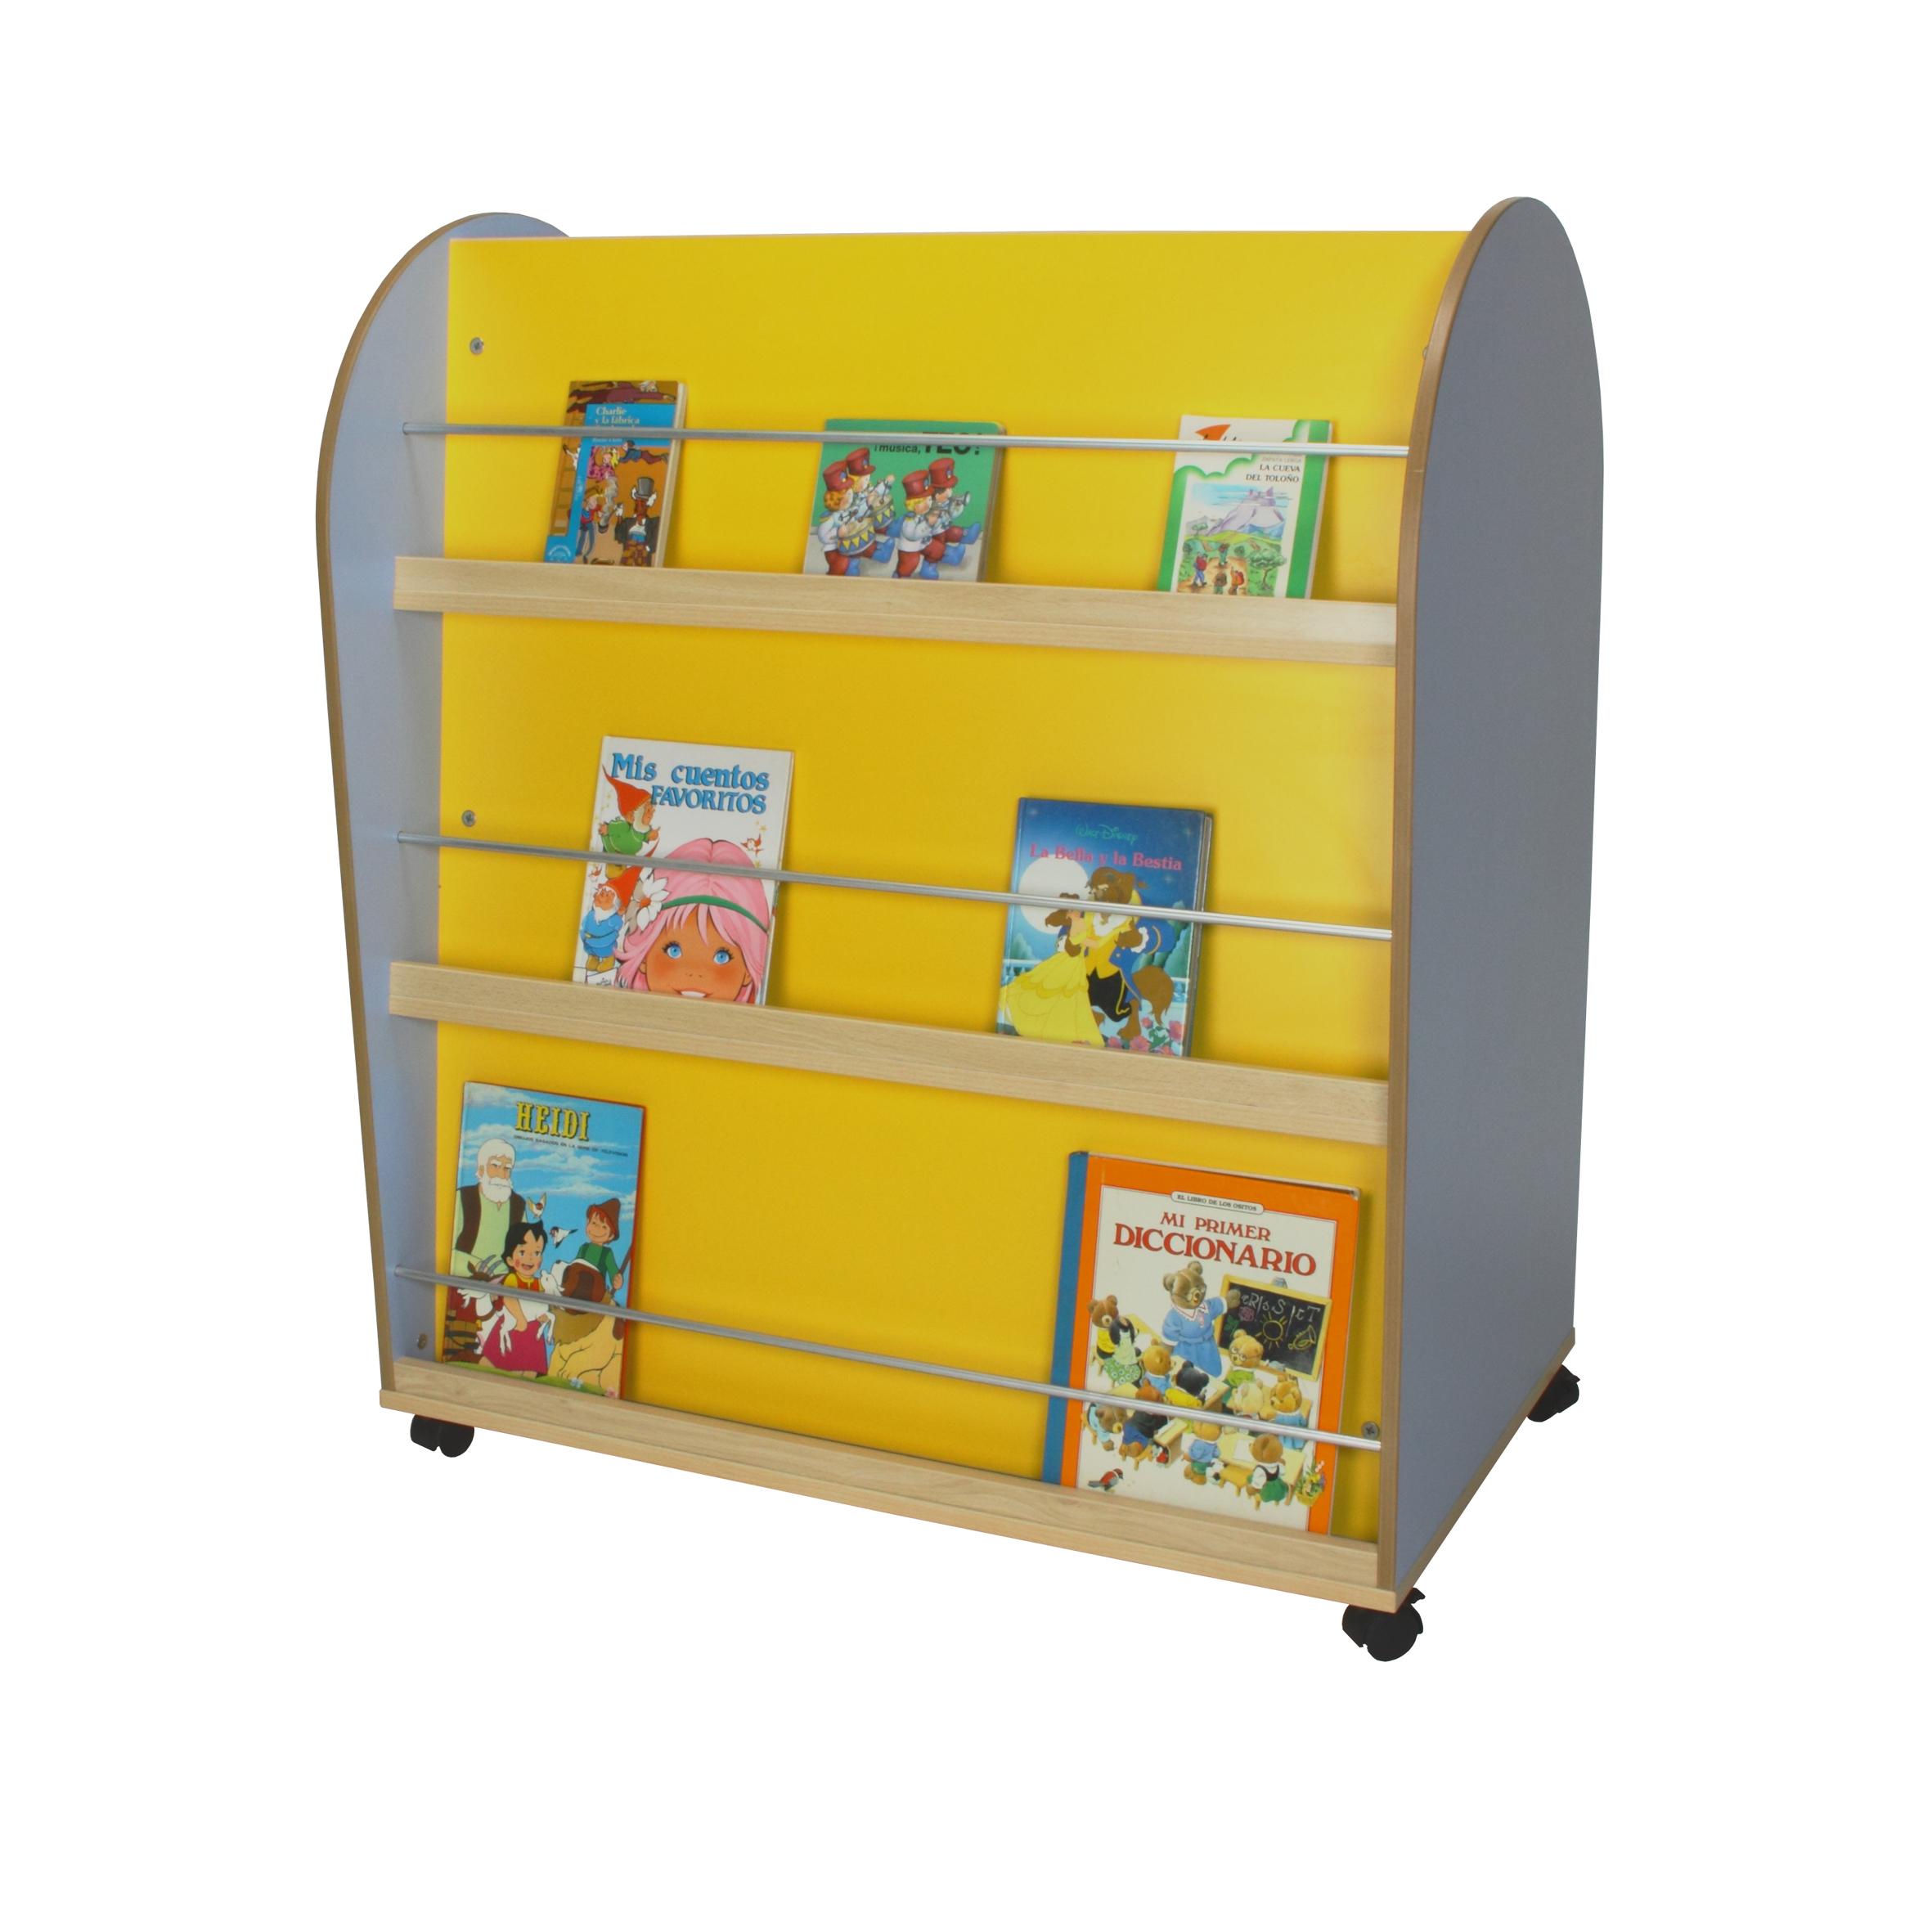 602102 mueble expositor de libros ovalado mobiliario for Libros de muebles de madera